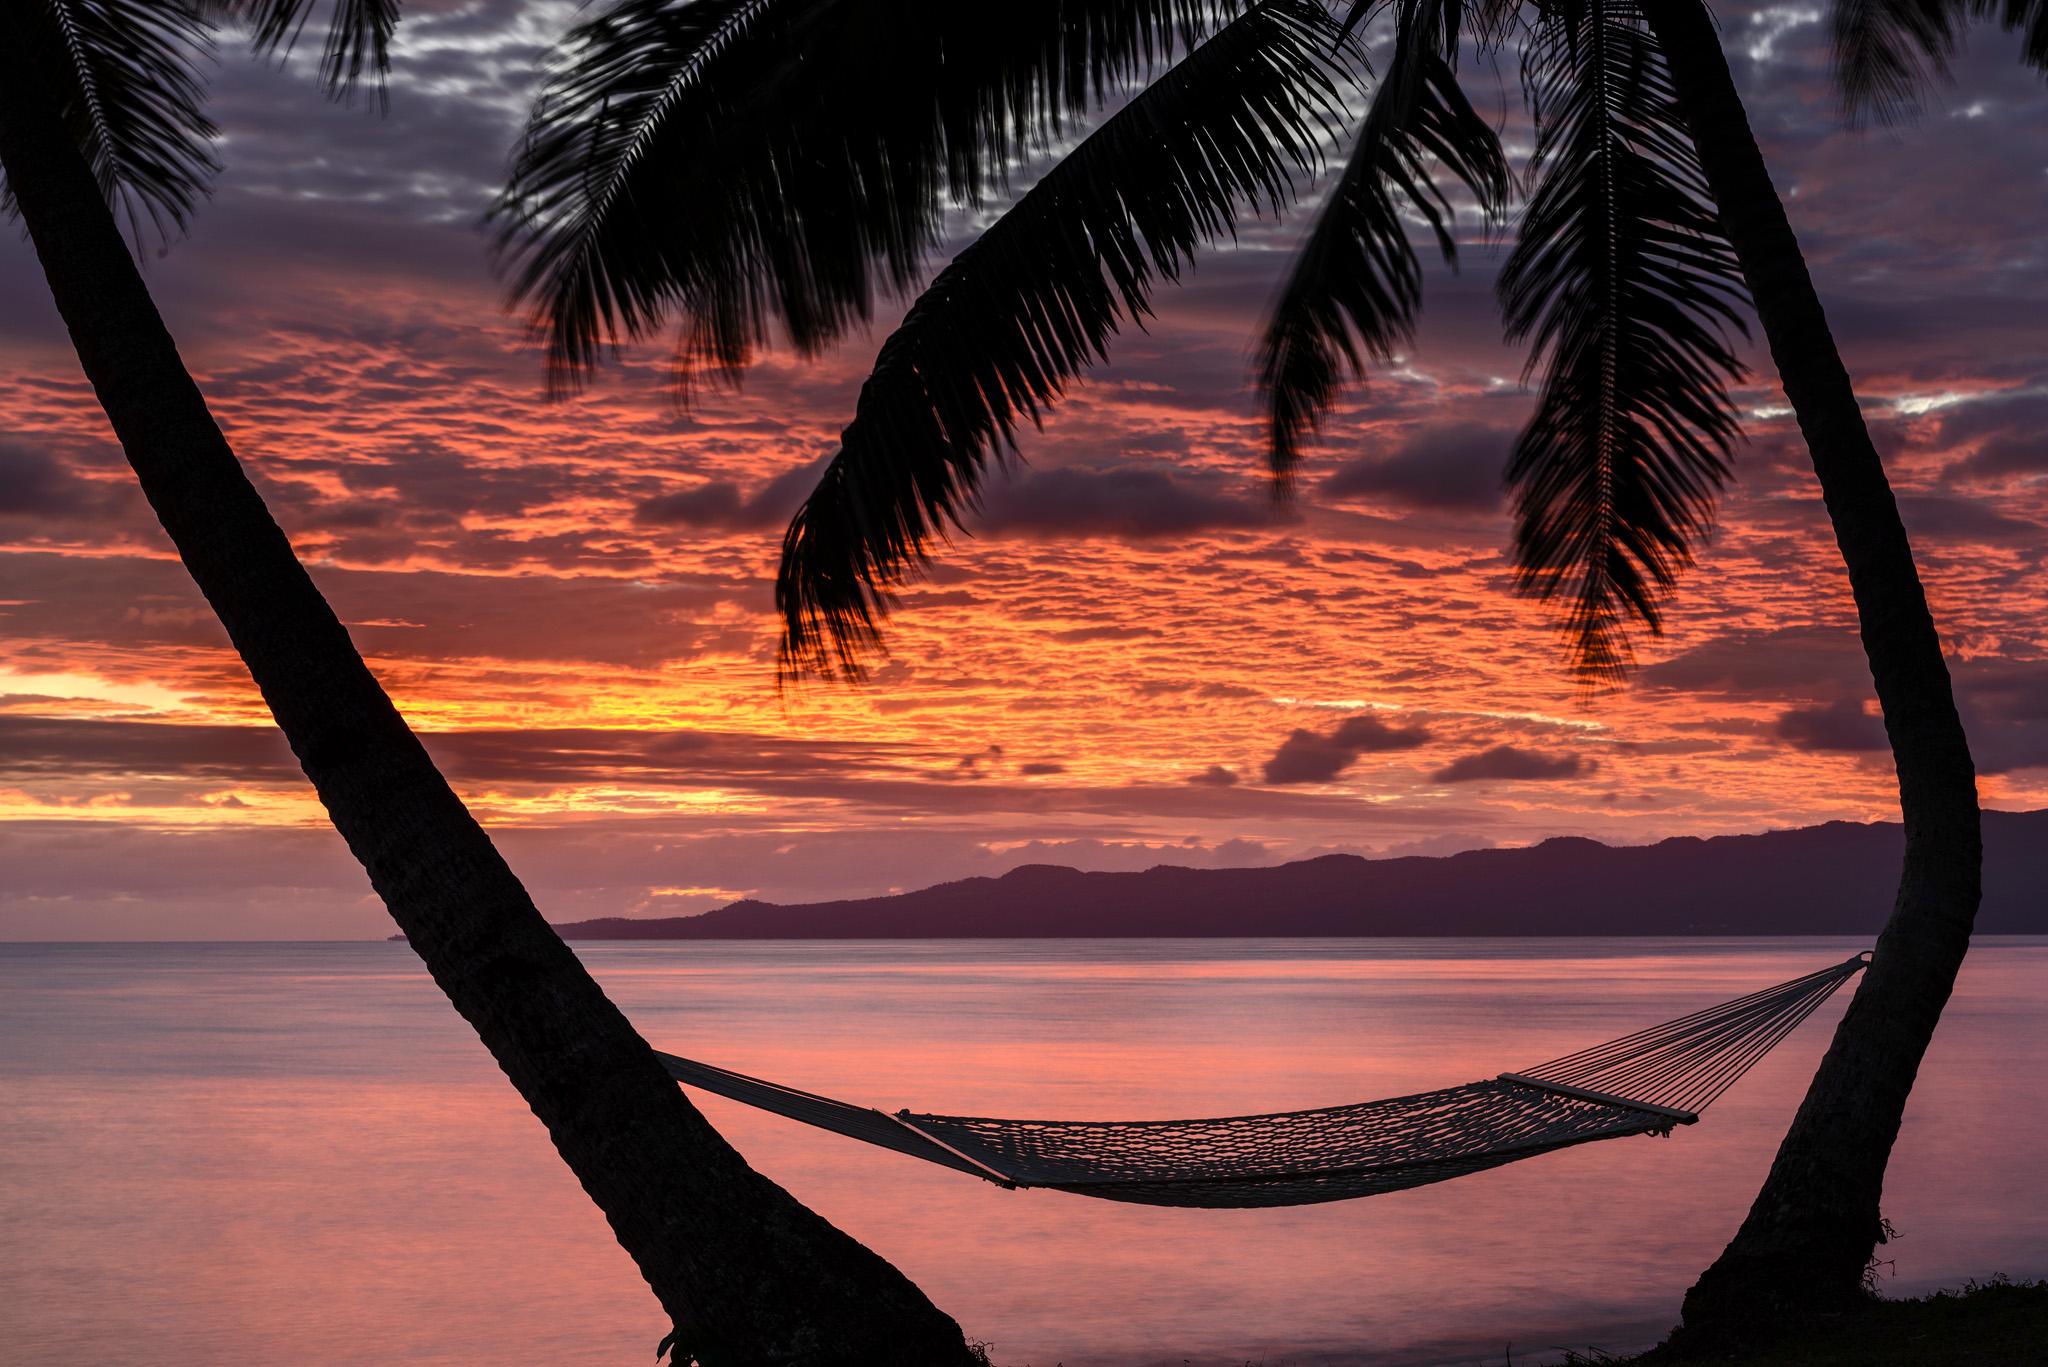 Sunrise - The Remote Resort, Fiji Islands